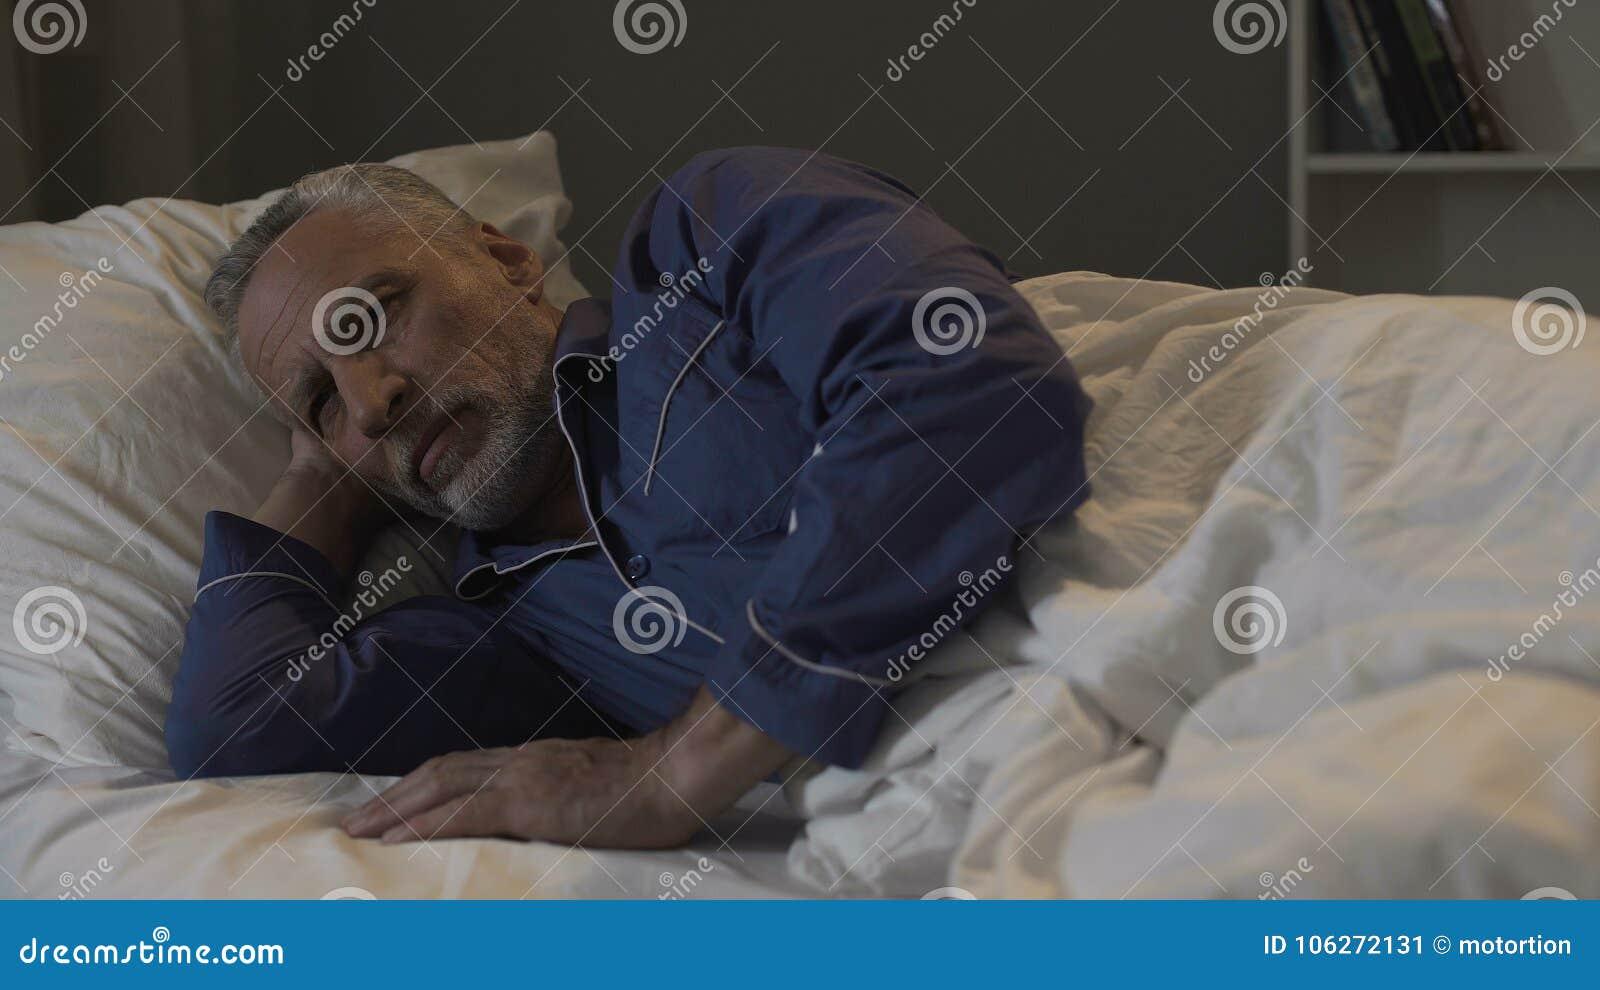 长辈不可能睡着,用尽由坏想法和哀伤的记忆,失眠